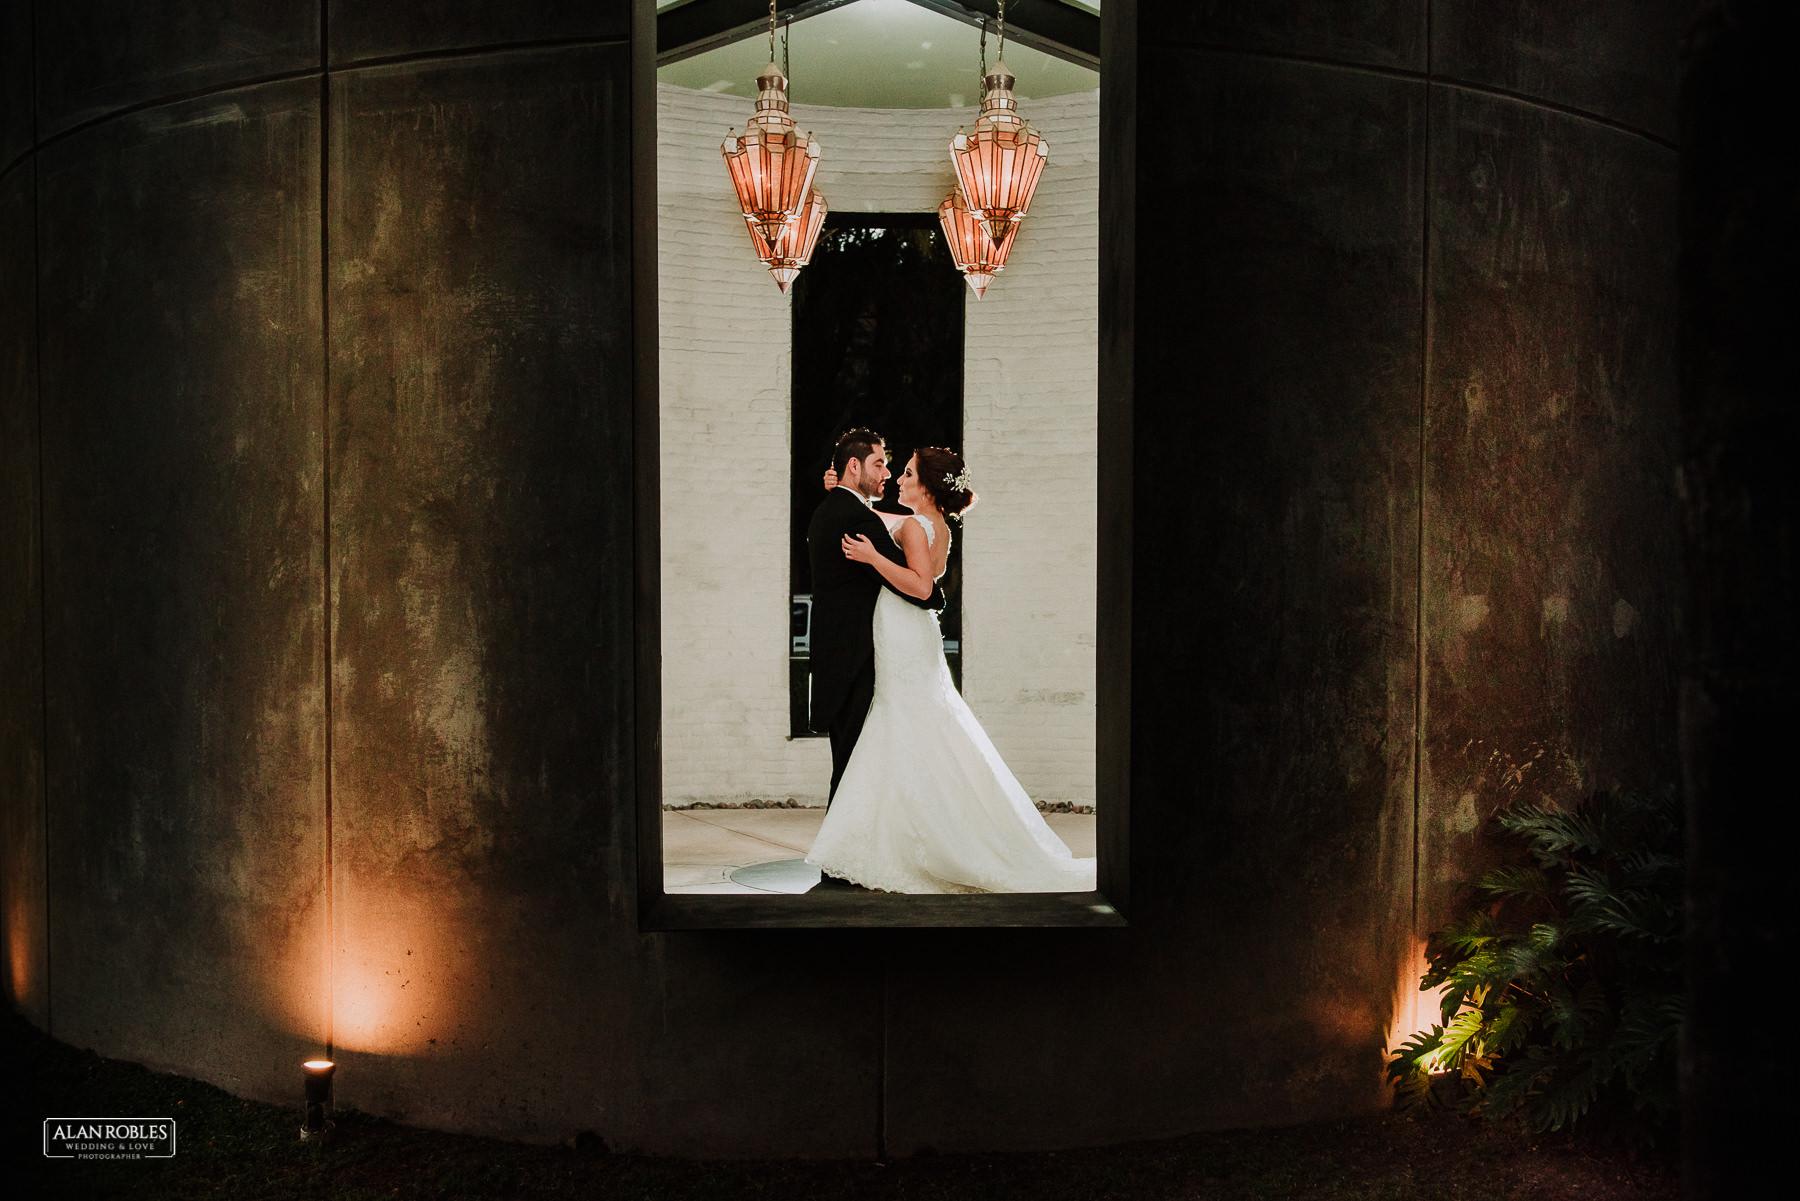 Fotografo de bodas Alan Robles-Casa Clementina Guadalajara DyA-43